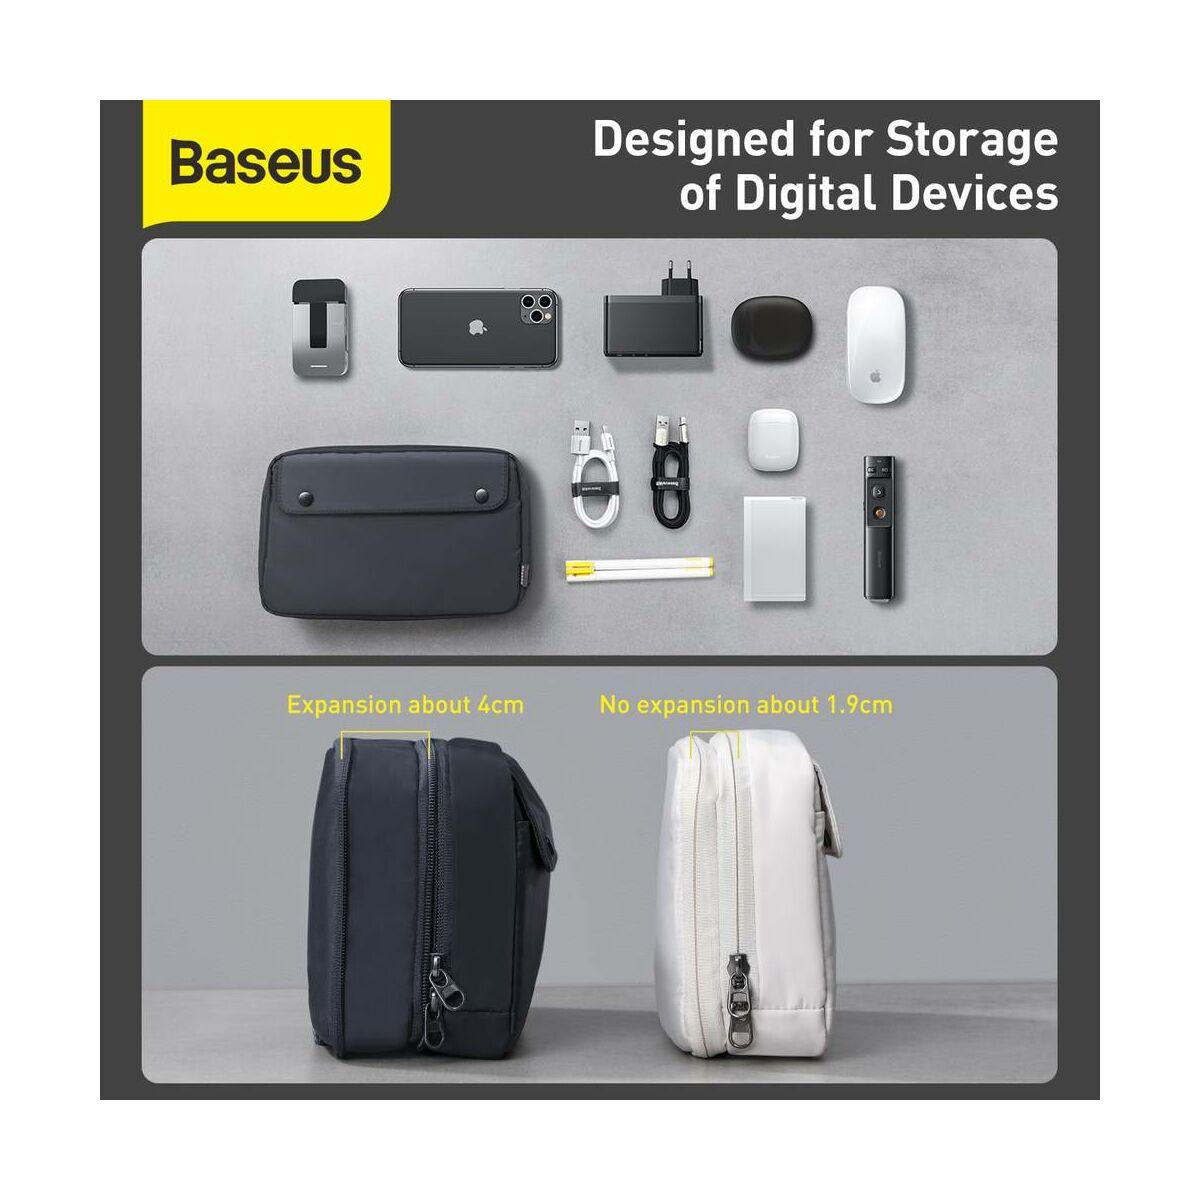 Baseus kézi táska, Track series Extra Digital tároló (225 x 140 x 55 mm), szürke (LBGD-0G)